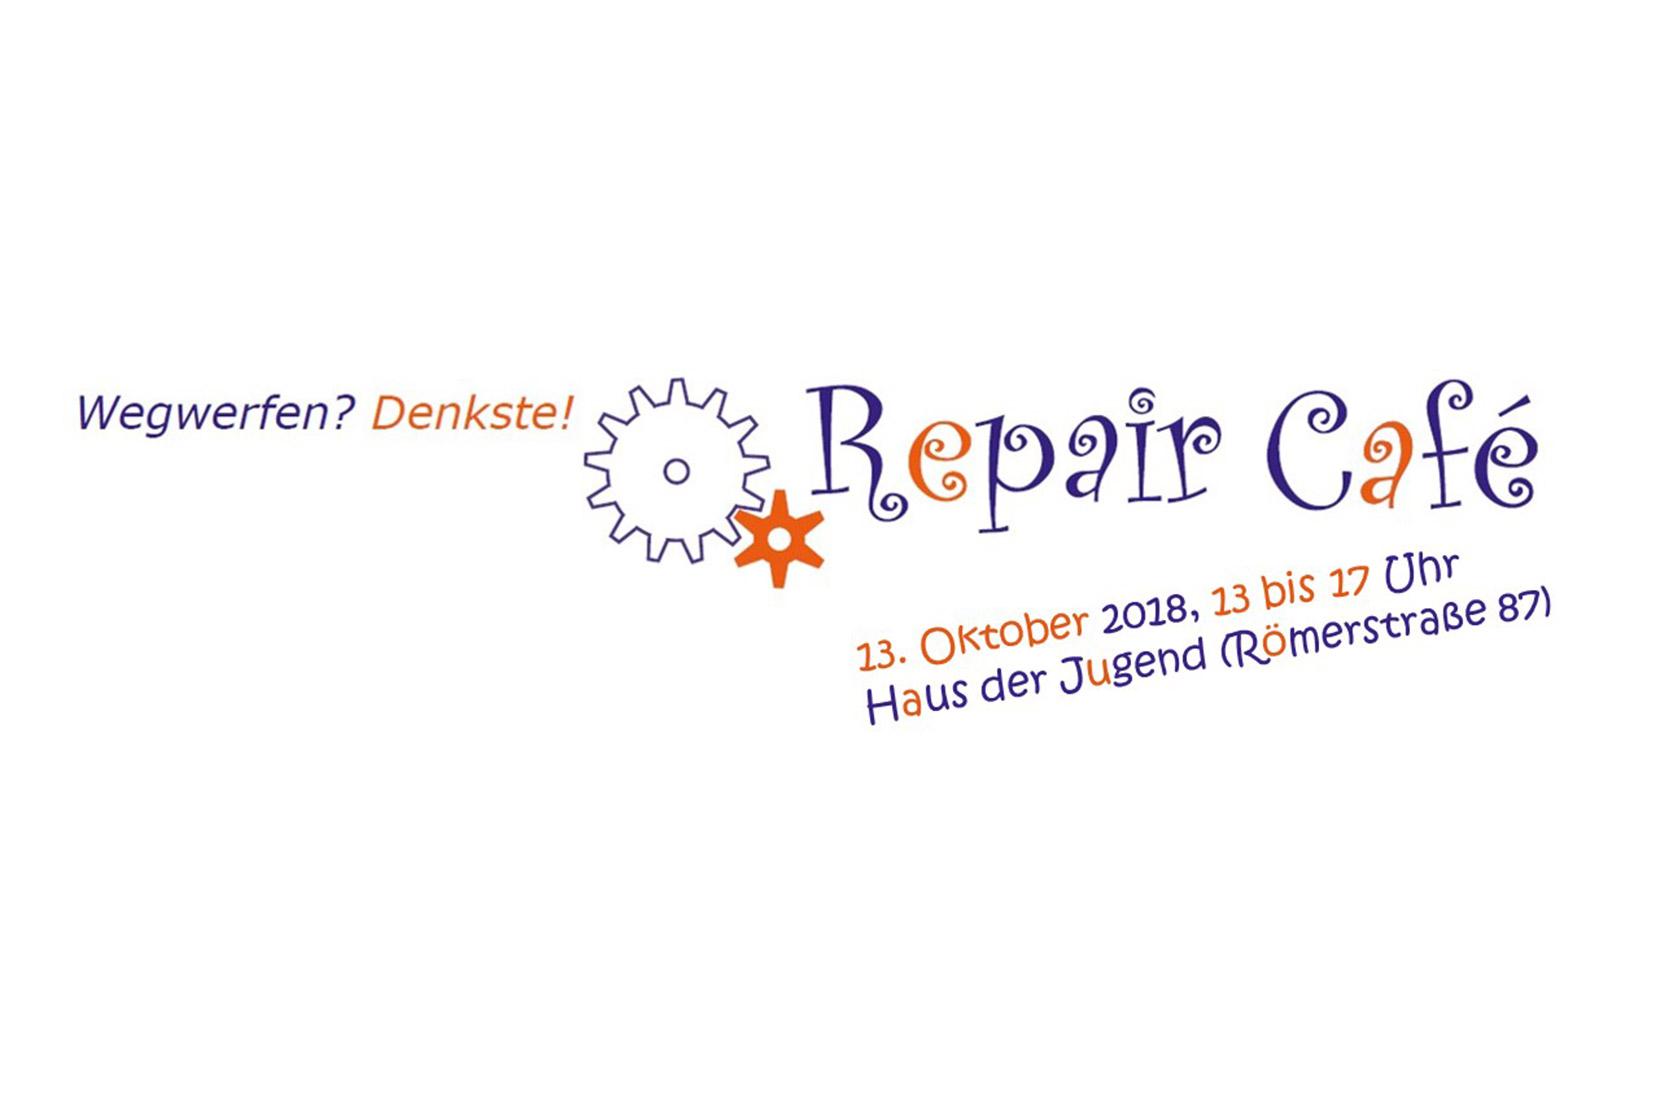 repaircafe-okt2018-1